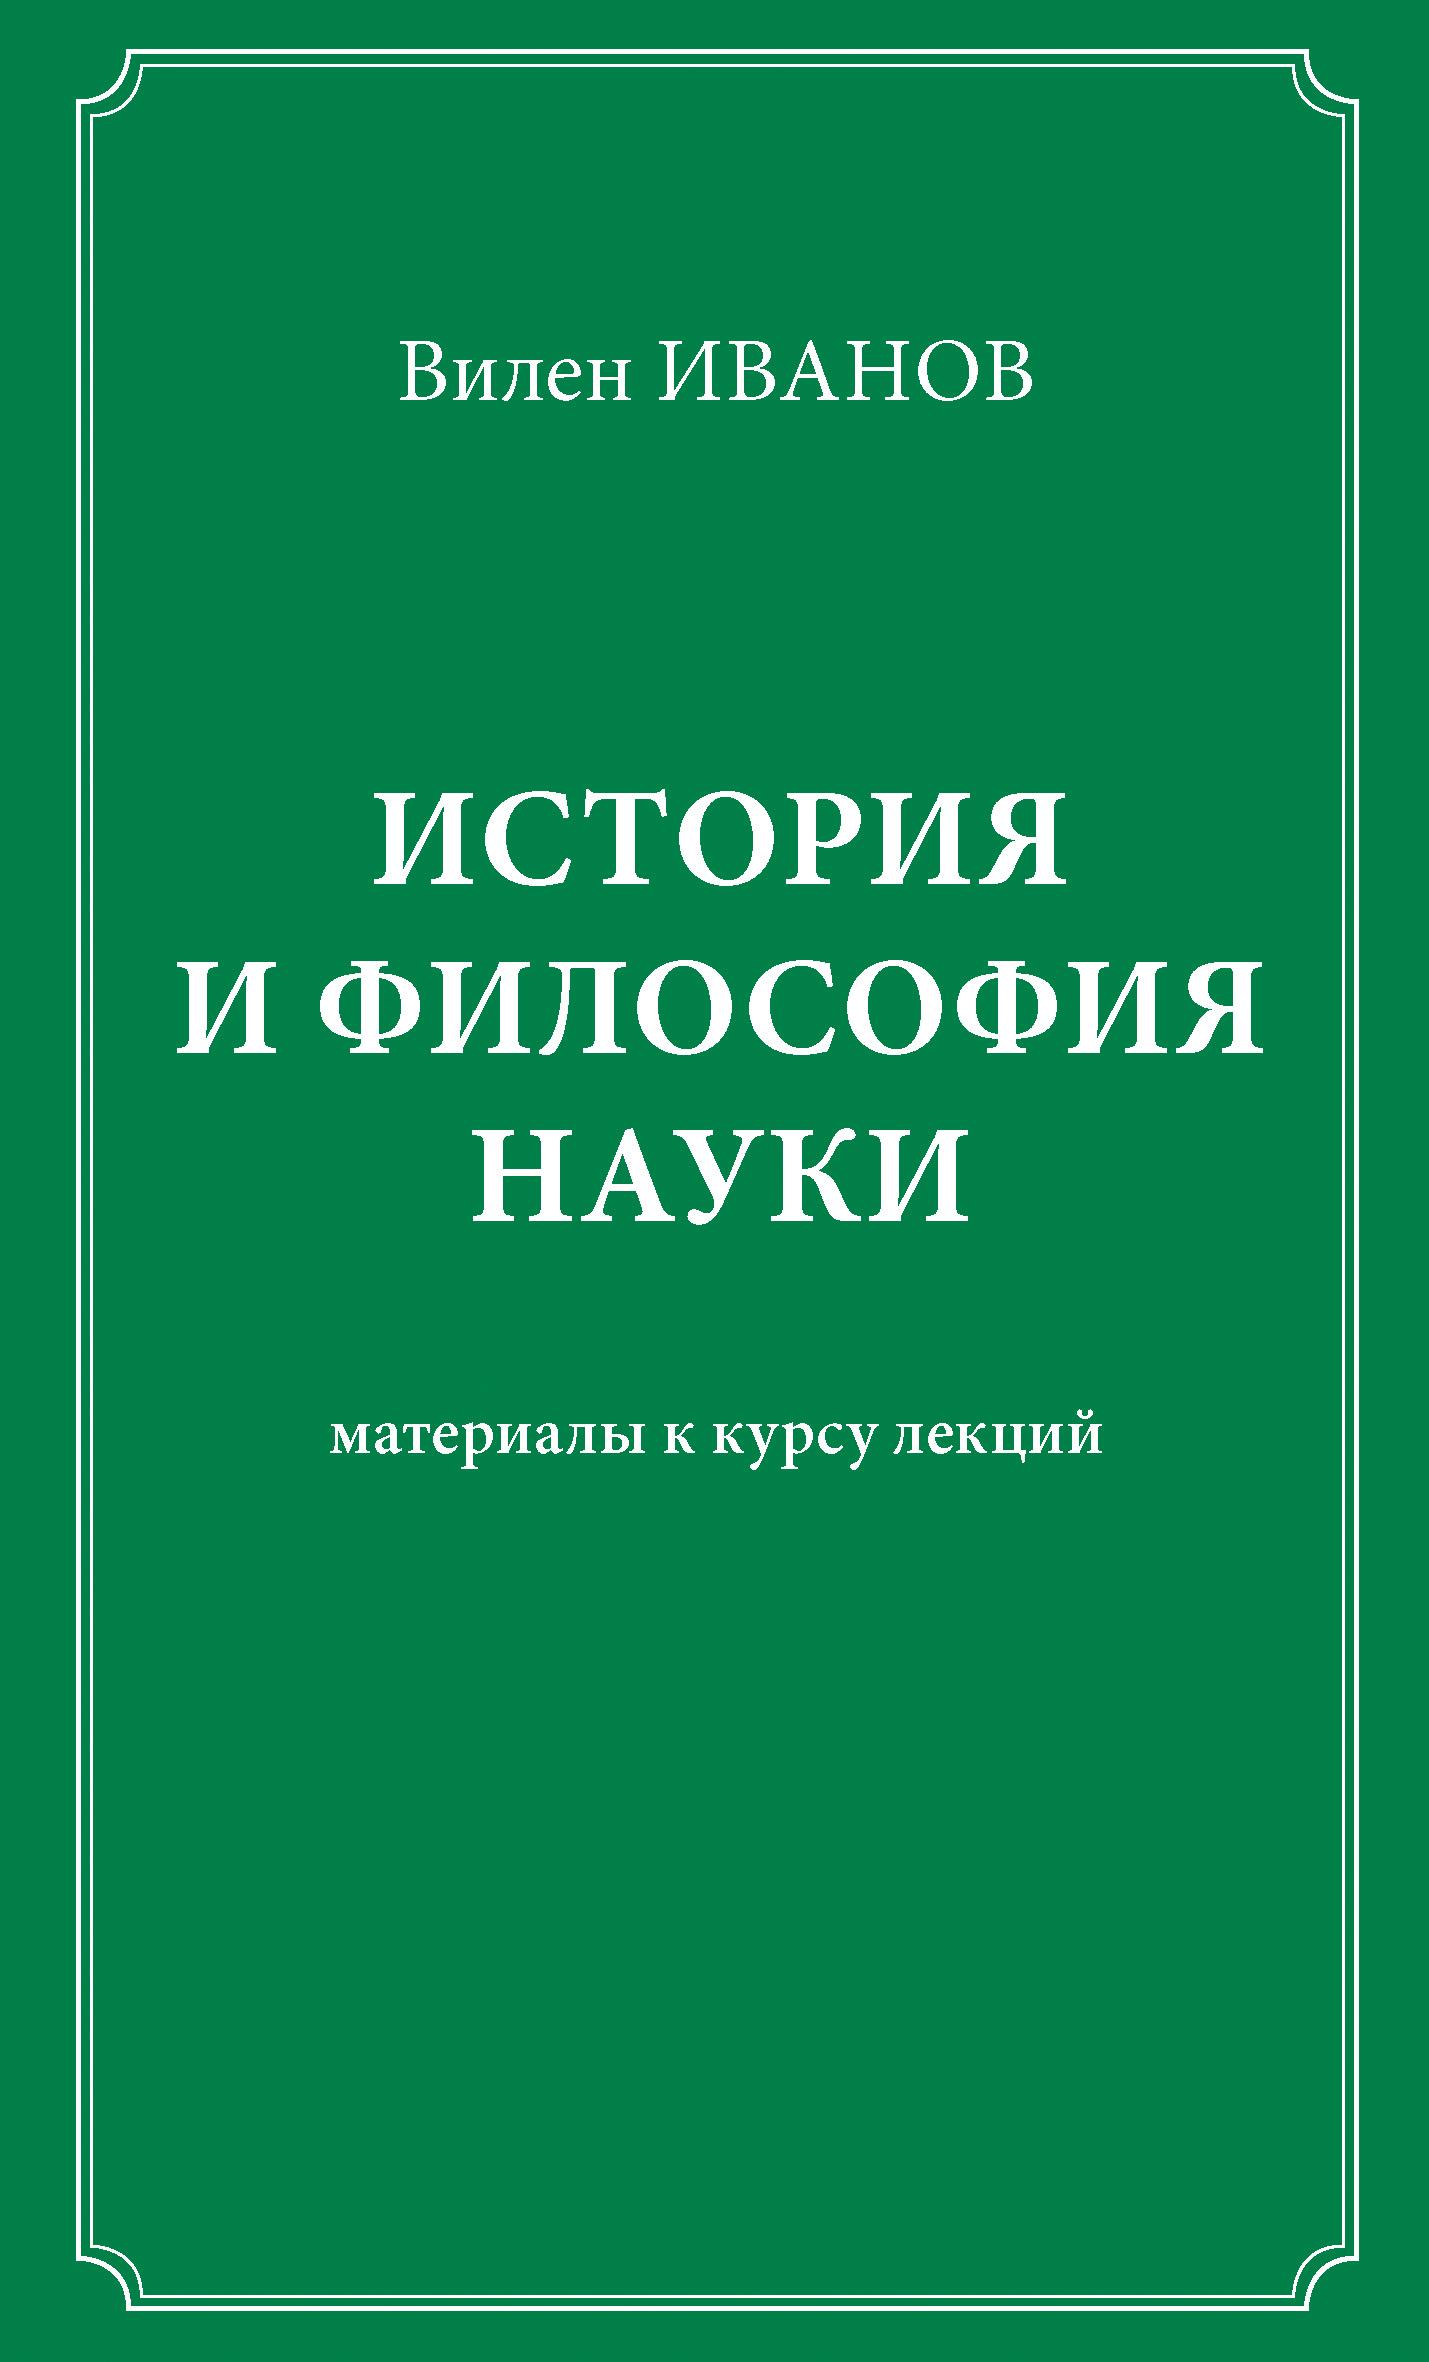 История и философия науки. Материалы к курсу лекций